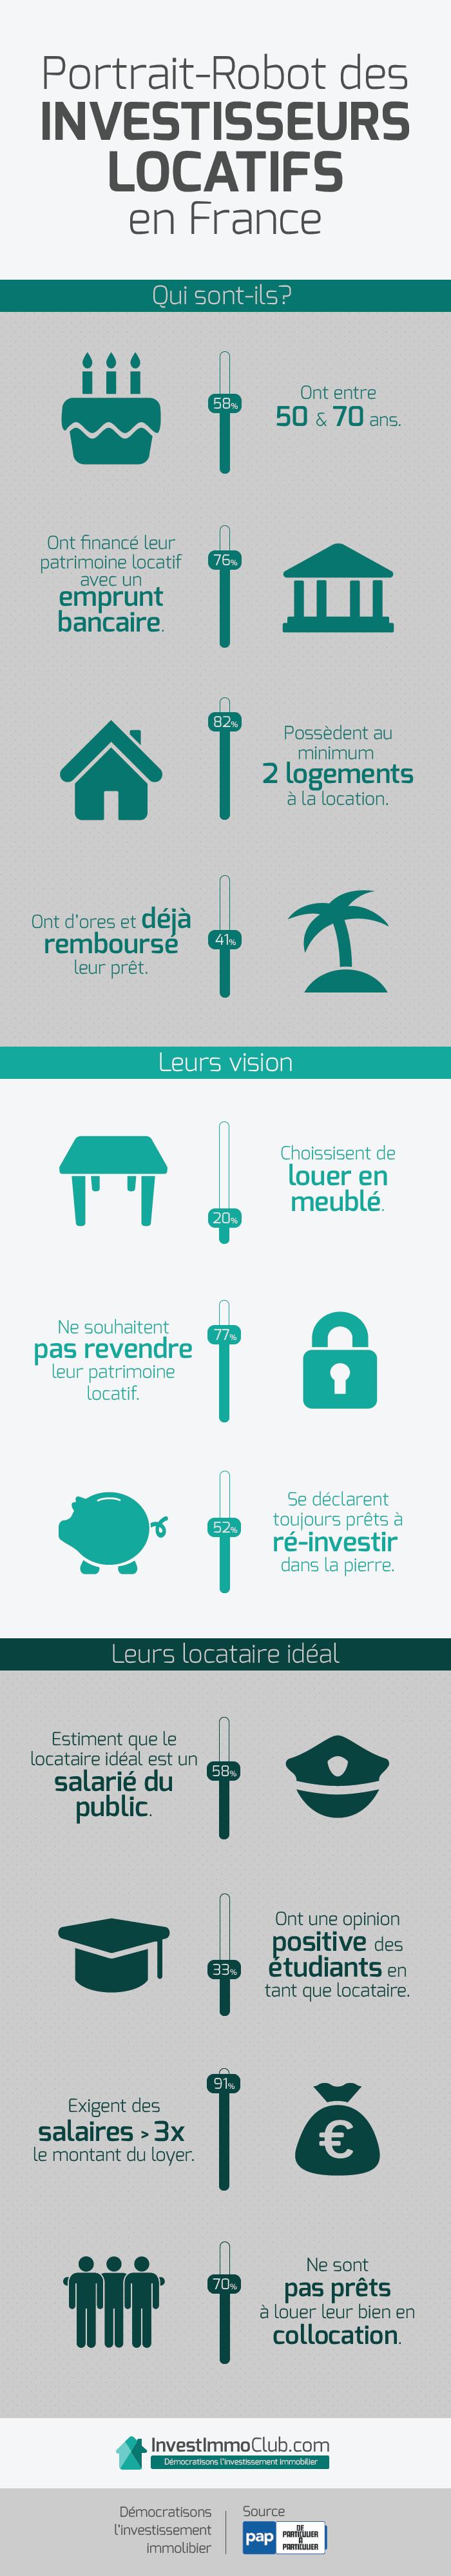 Infographie-Portrait Robot Investisseur Locatif France